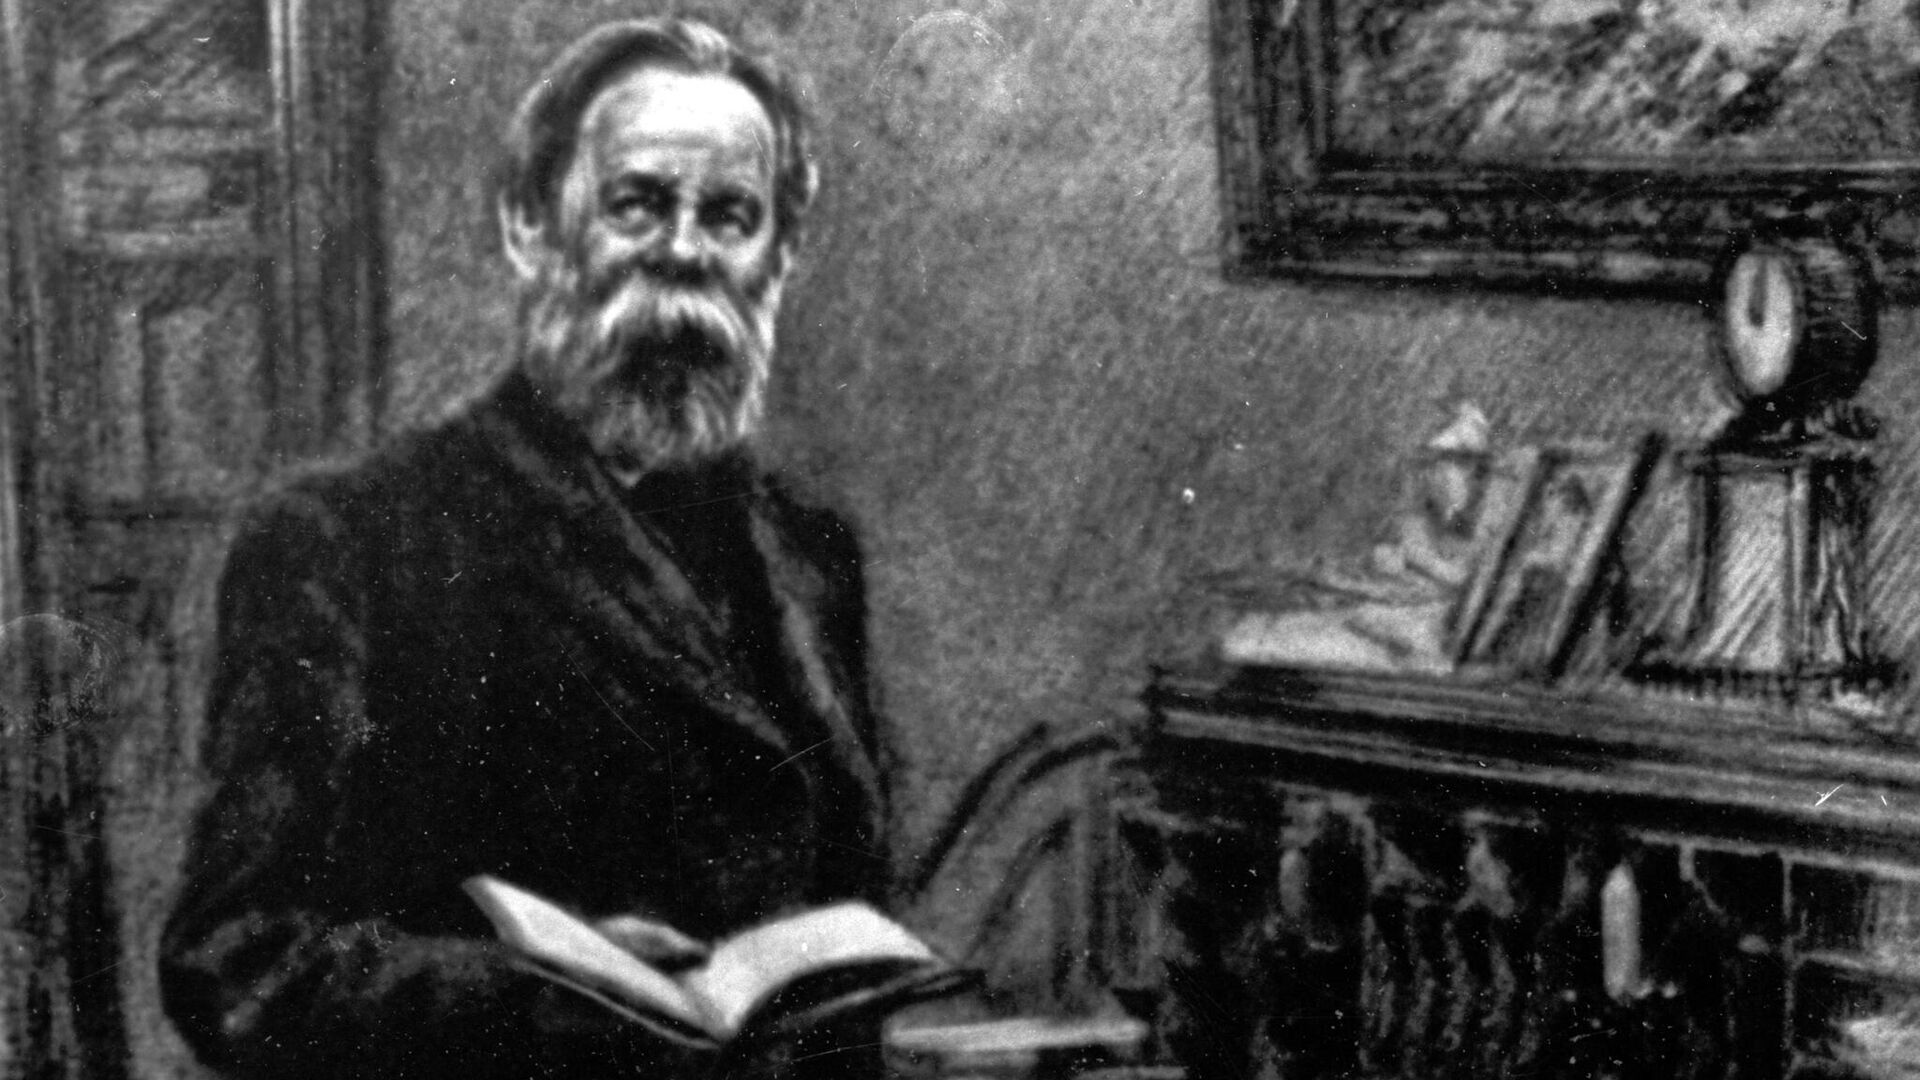 Фридрих Энгельс в рабочем кабинете - РИА Новости, 1920, 28.11.2020